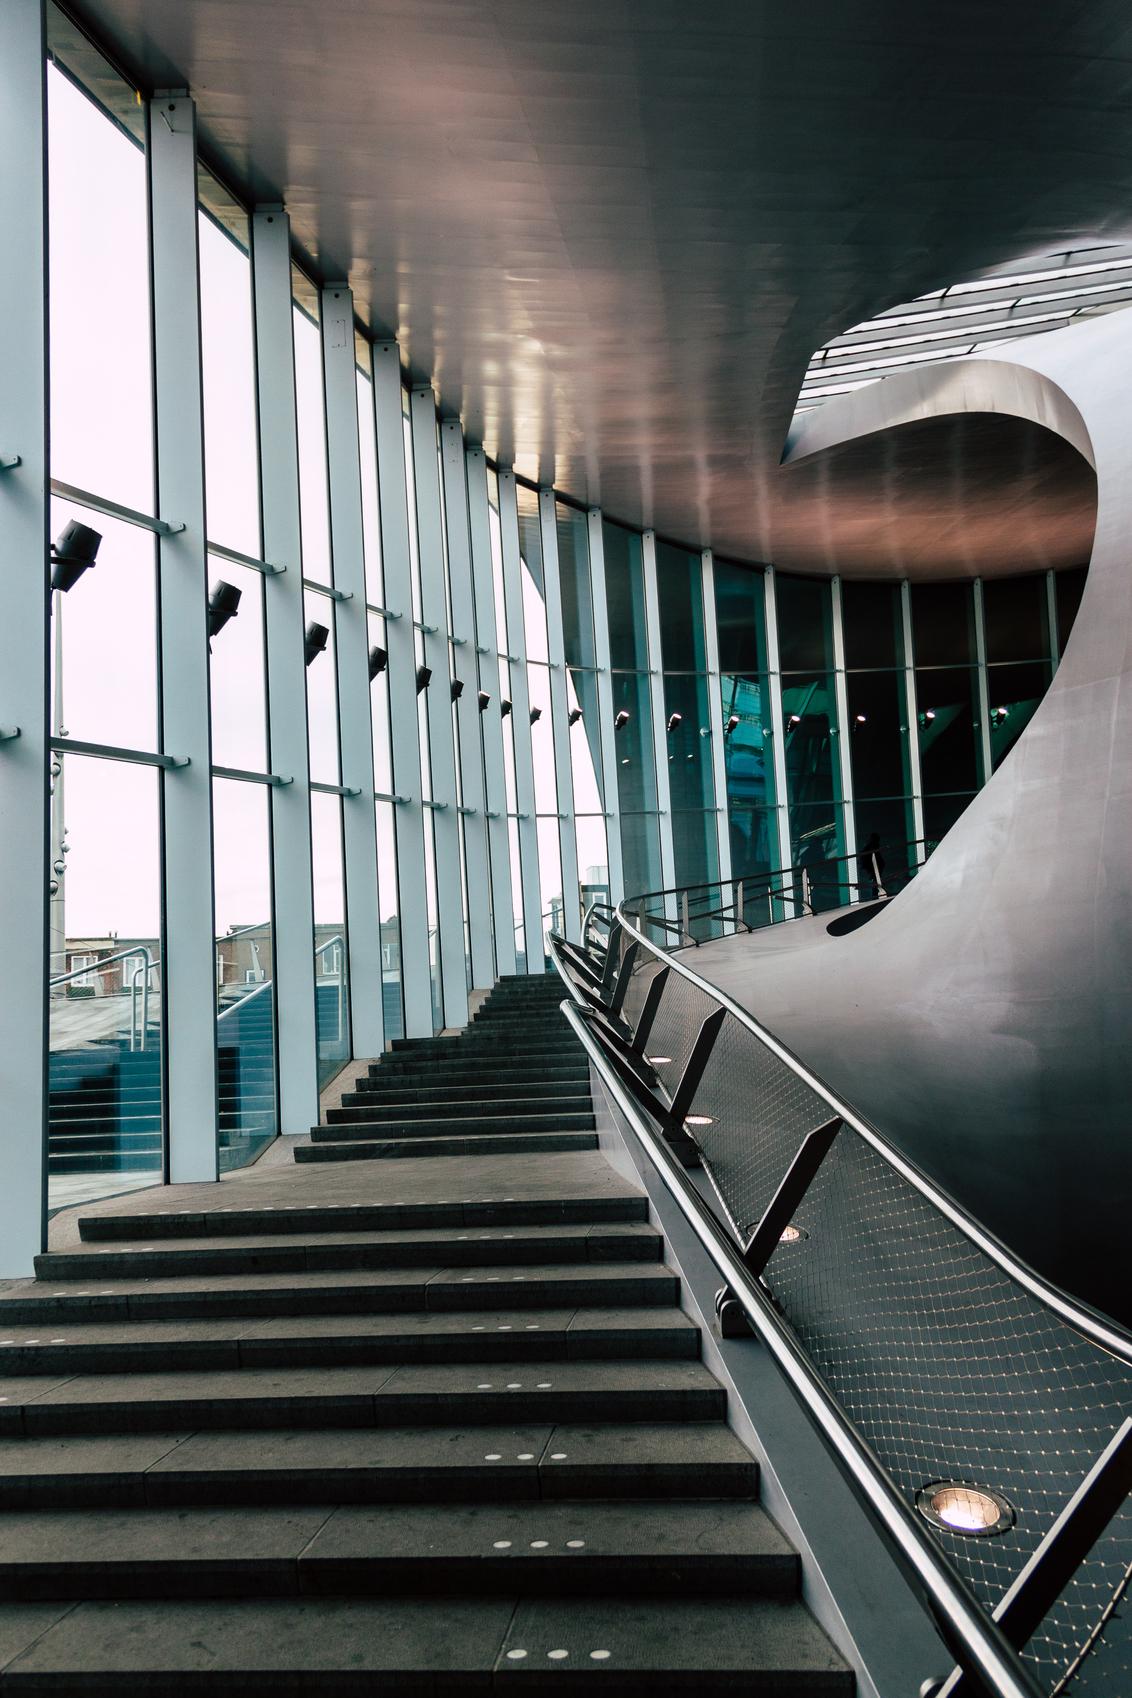 There is no elevator to success you have to take the stairs - Trap in de stationshal van Arnhem - foto door hookiipa op 31-01-2020 - deze foto bevat: station, glas, ramen, abstract, lamp, architectuur, reflectie, stad, raam, perspectief, dak, boog, horizontaal, draai, verlichting, lampen, leuning, verticaal